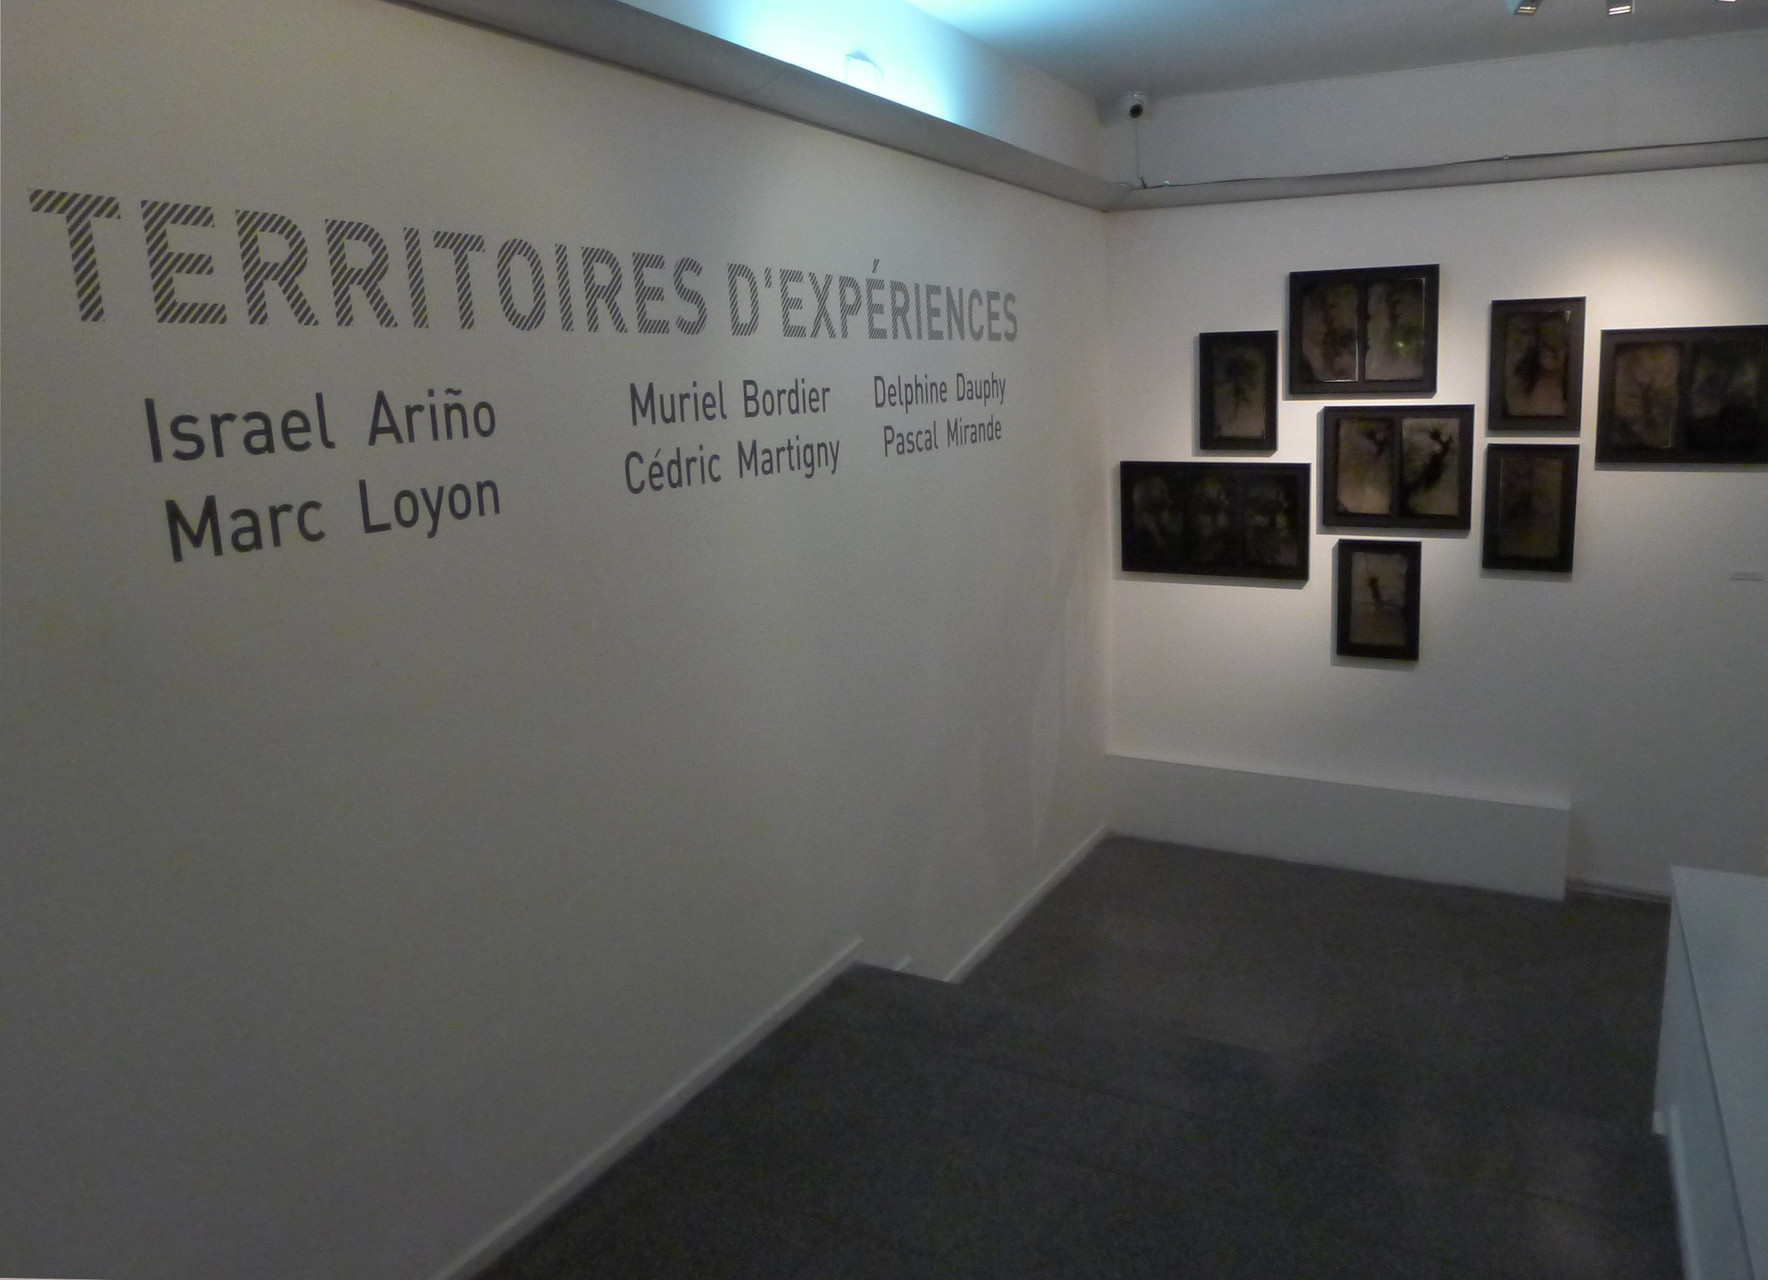 Entrée de l'exposition Territoires d'expériences. DR Israel Ariño